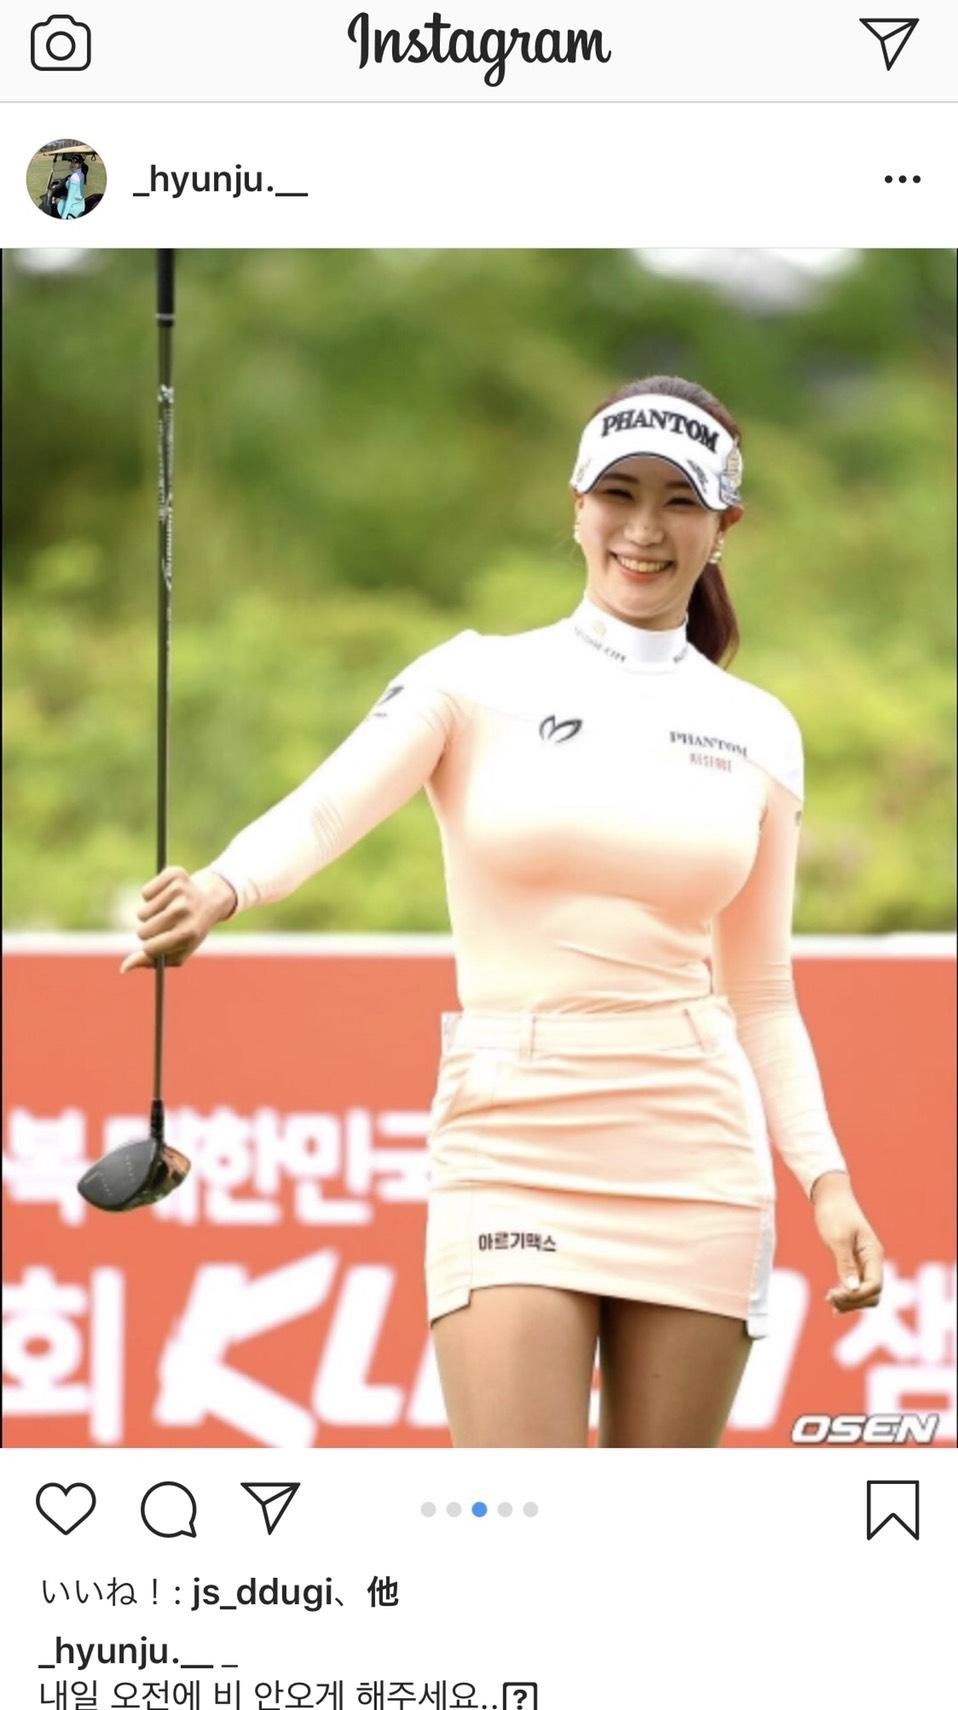 第1日のプレー写真をインスタグラムに公開したユ・ヒョンジュ